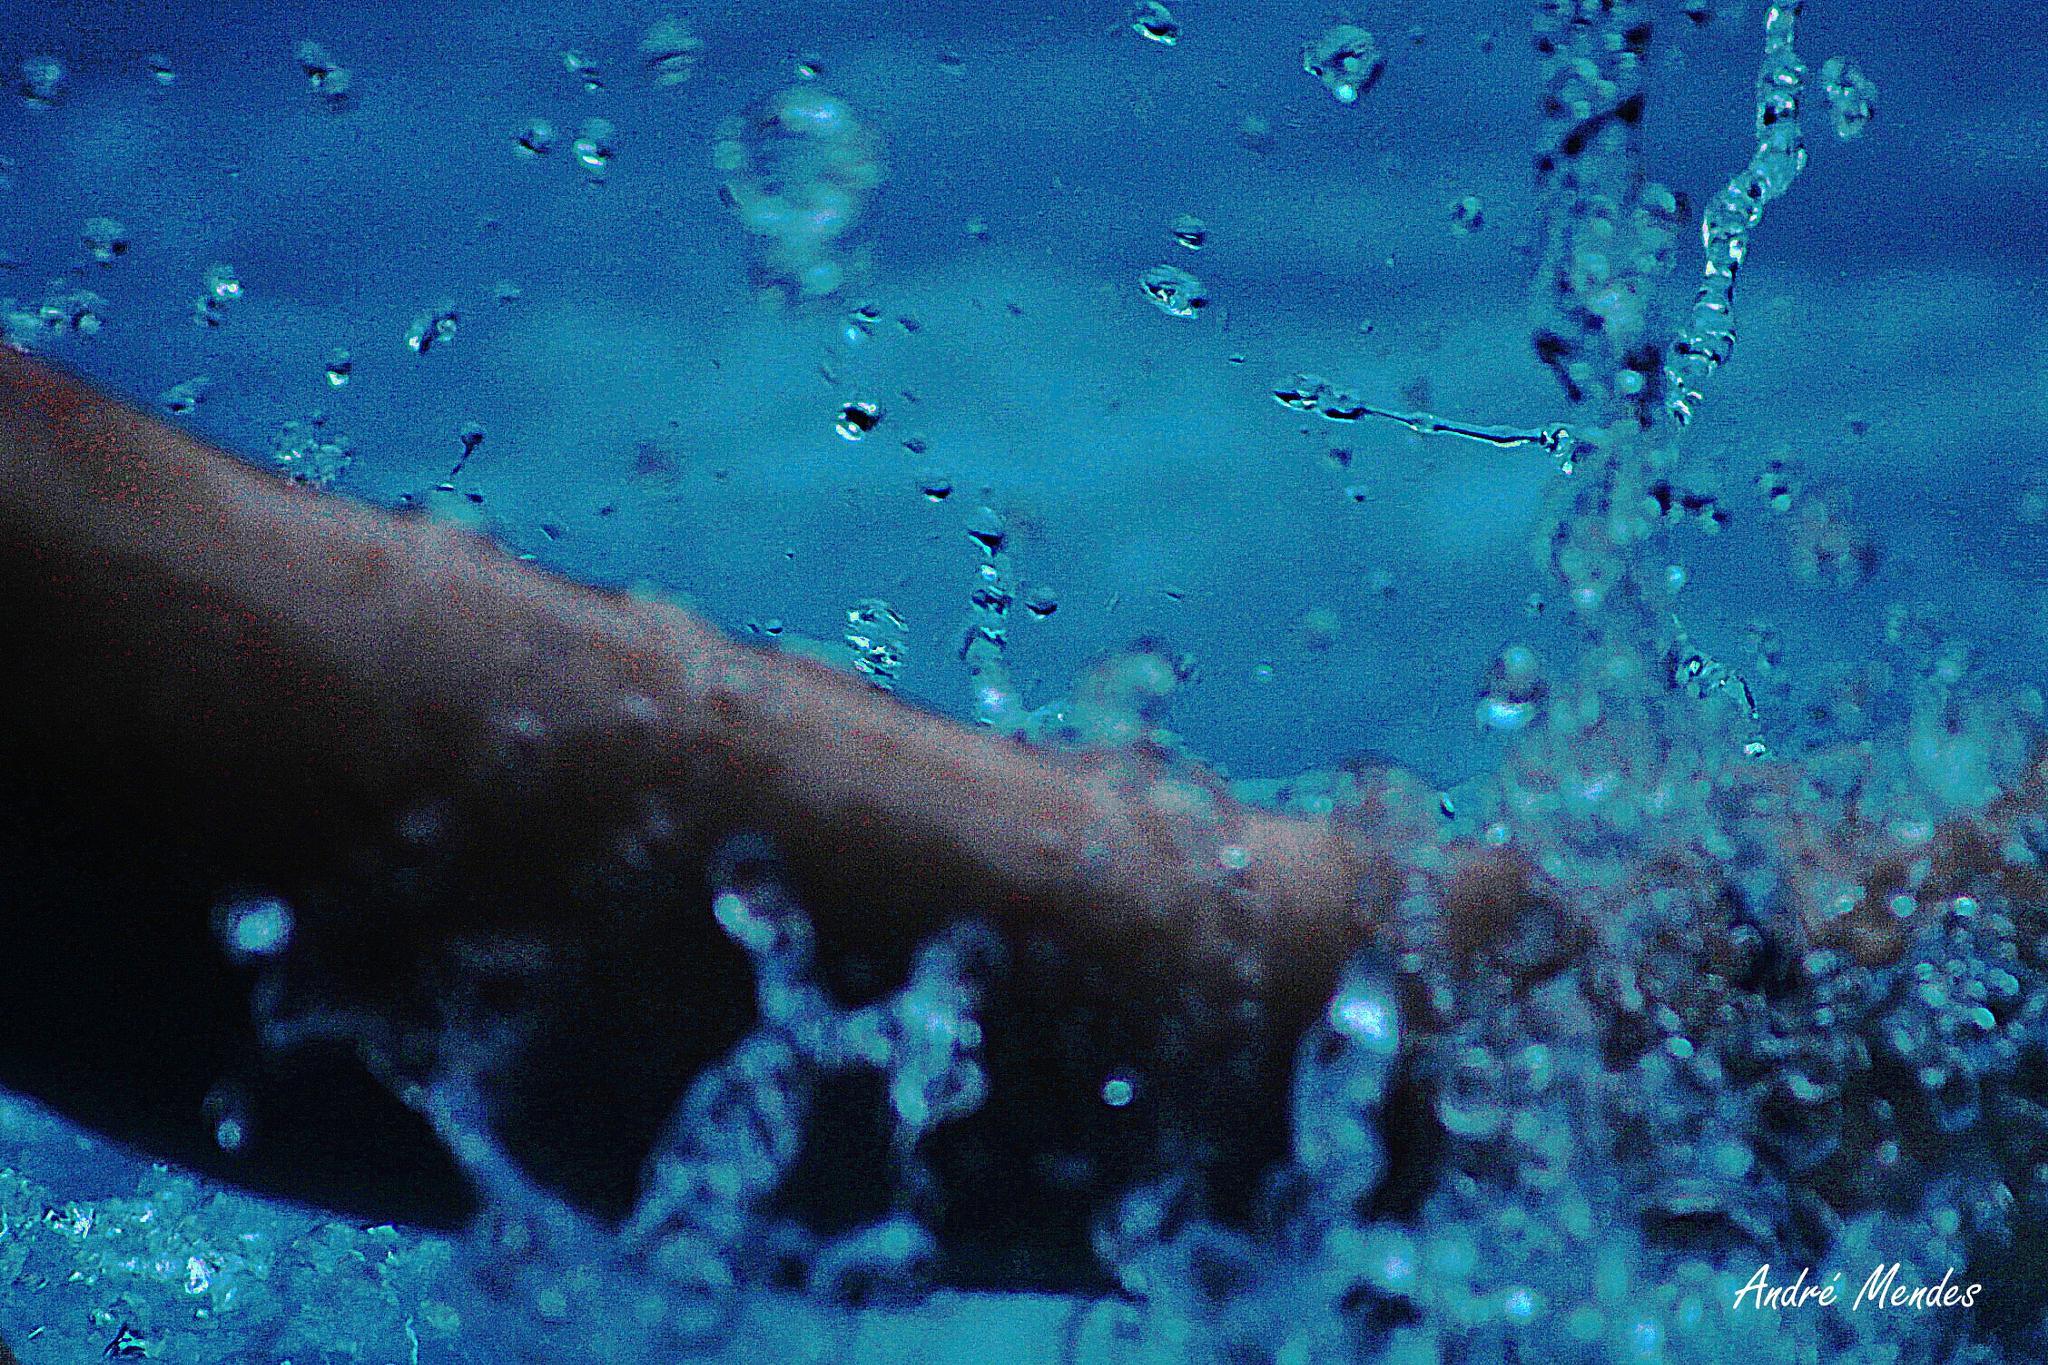 Splash! by Andre Mendes